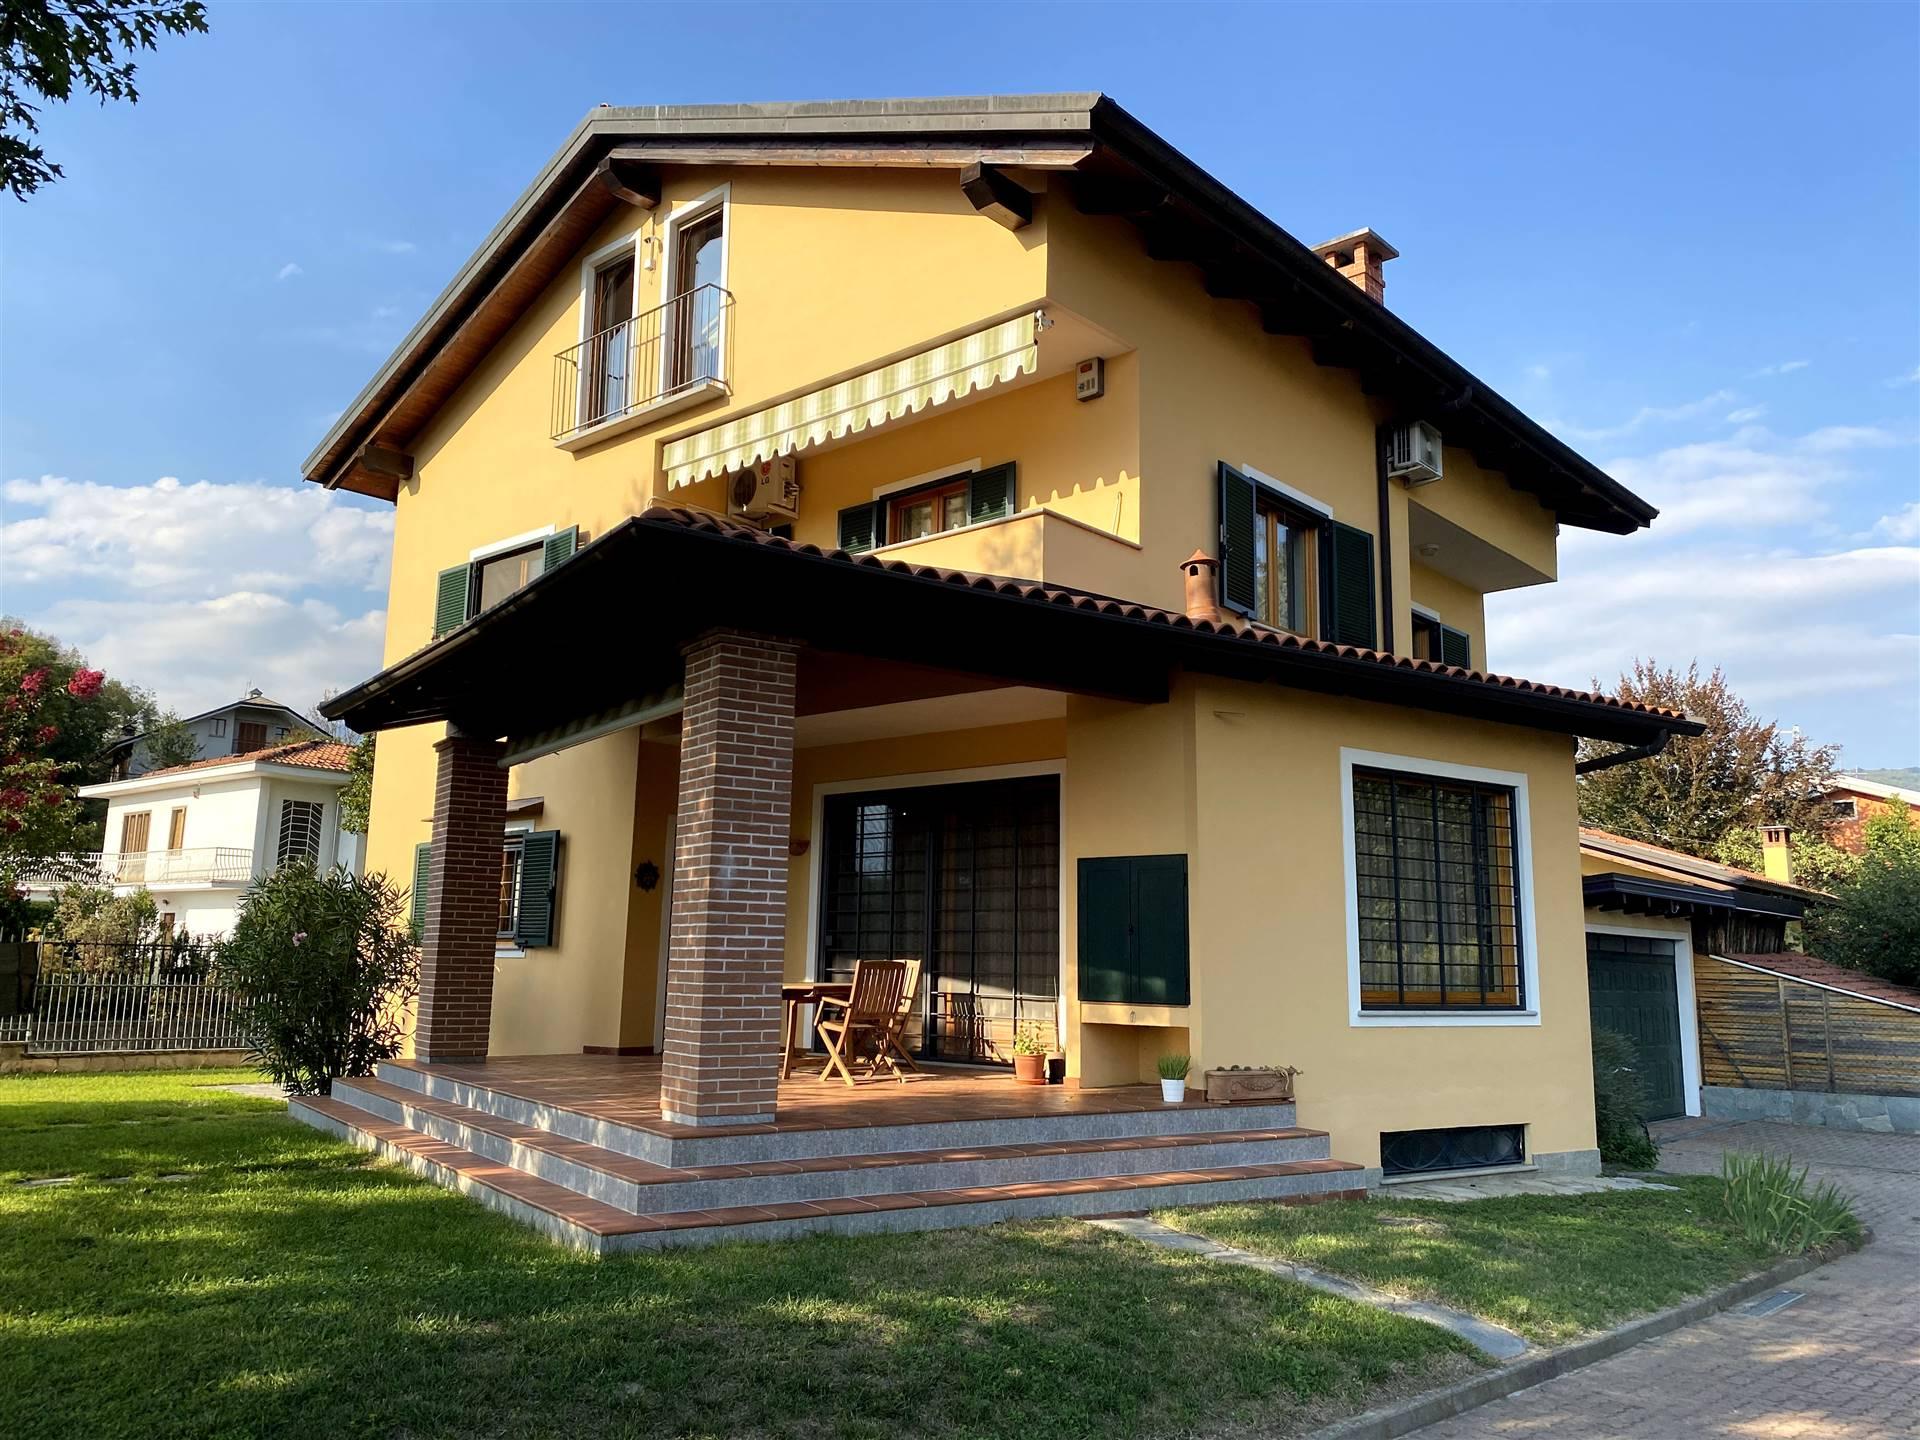 Villa in vendita a Cascinette d'Ivrea, 9 locali, prezzo € 398.000   PortaleAgenzieImmobiliari.it